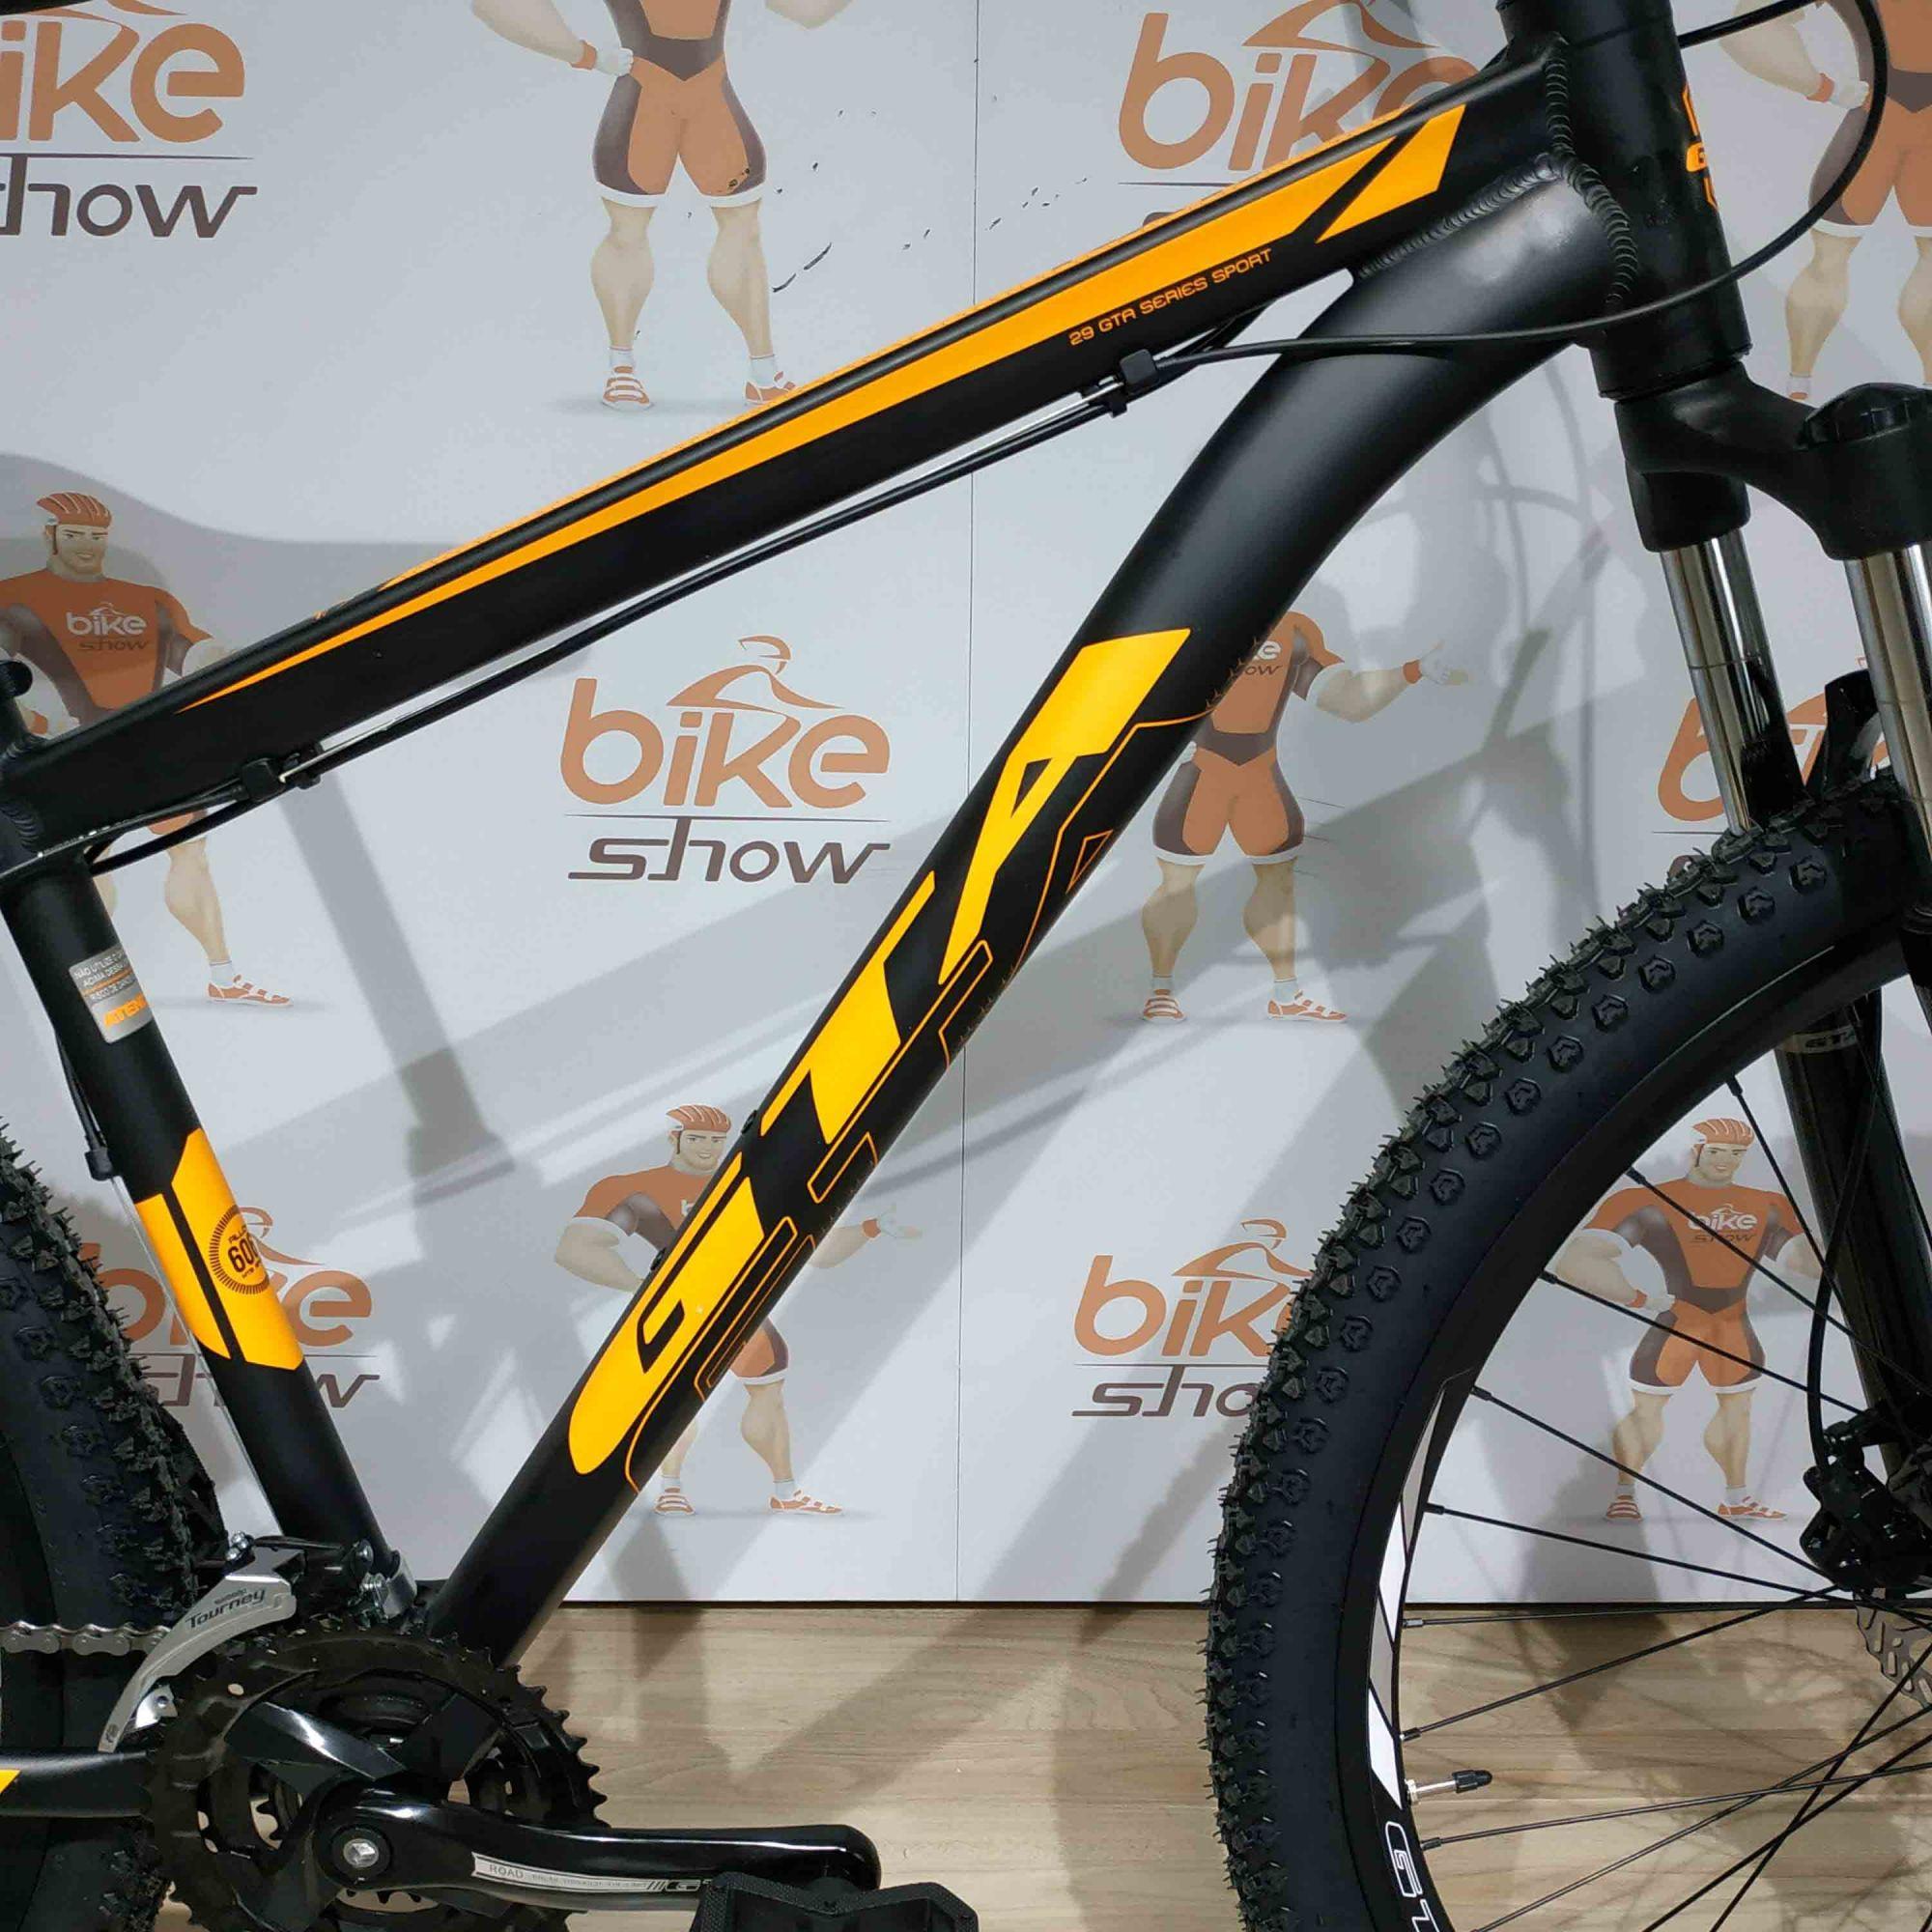 Bicicleta GTA NX11 aro 29 - 24v Shimano Touney - Freio Hidráulico - Suspensão GTA em alumínio